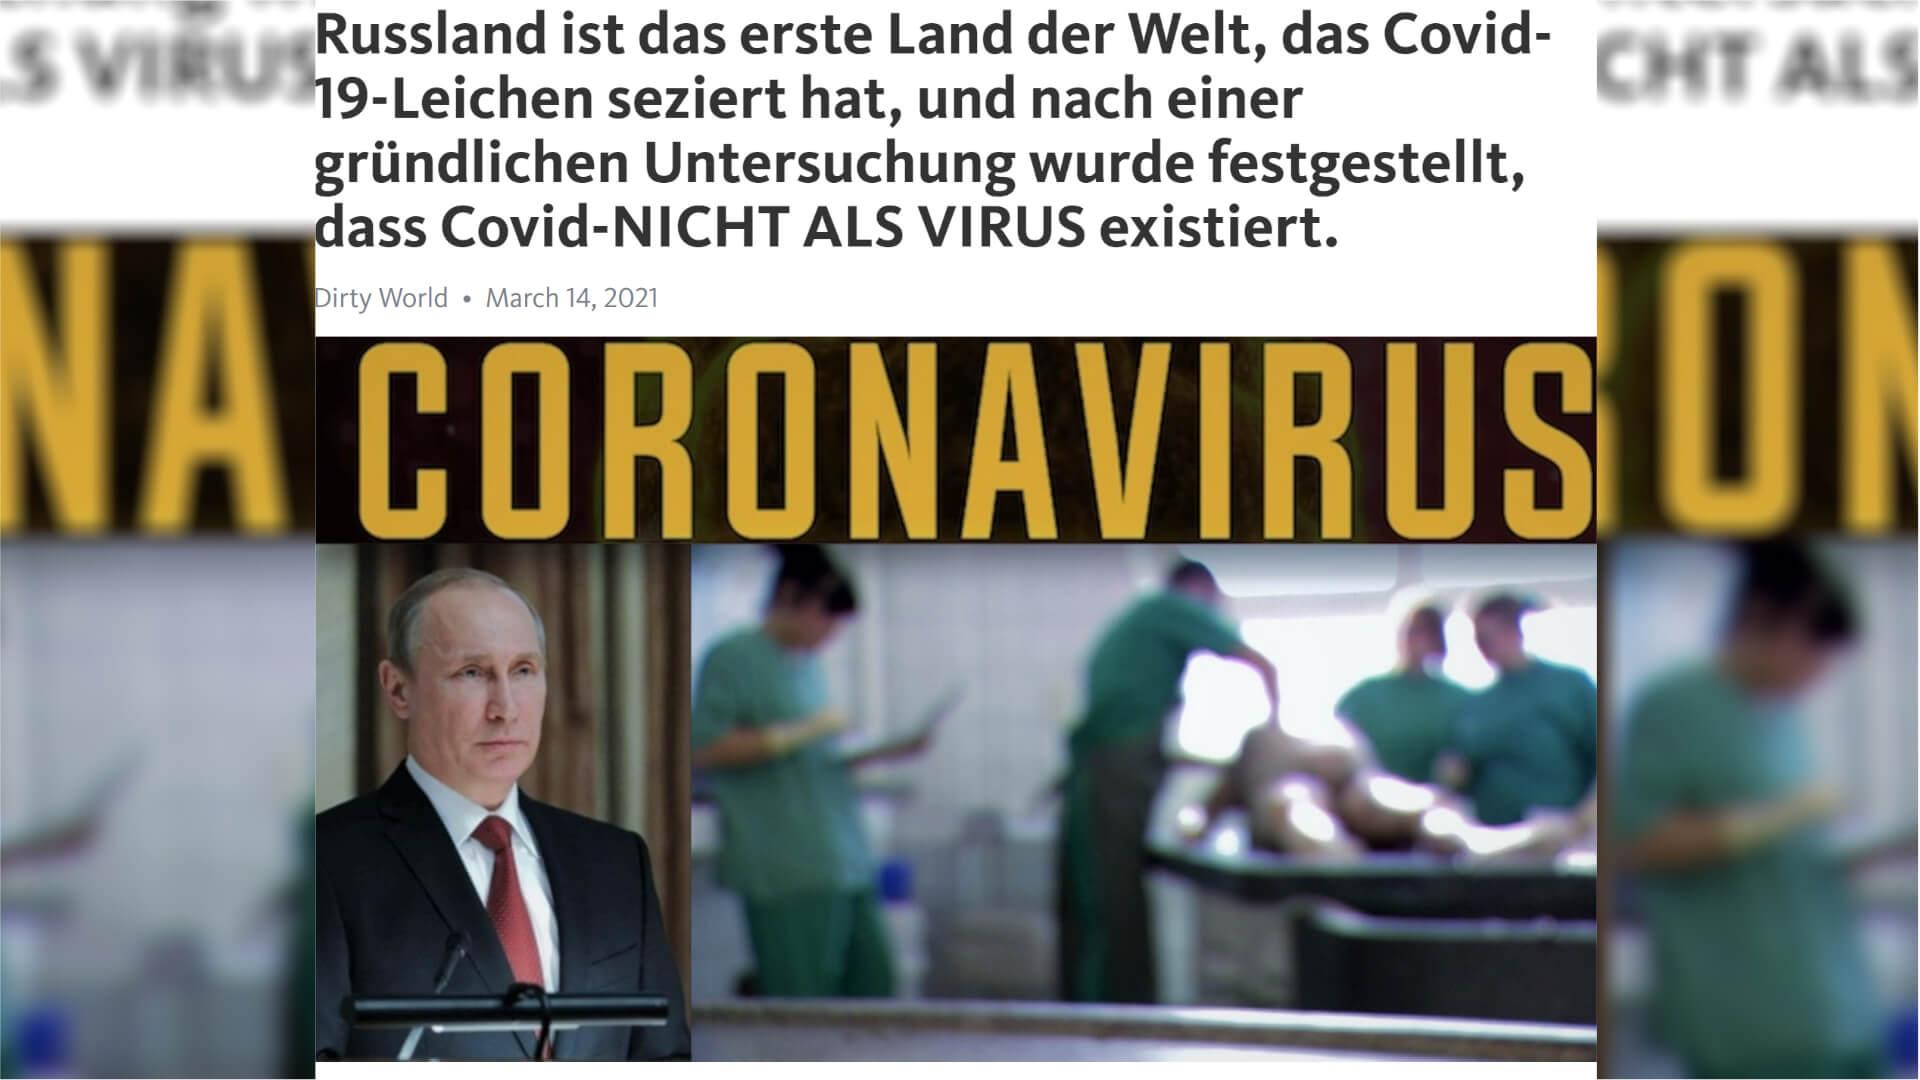 SARS-CoV-2 ist ein Virus, kein Bakterium